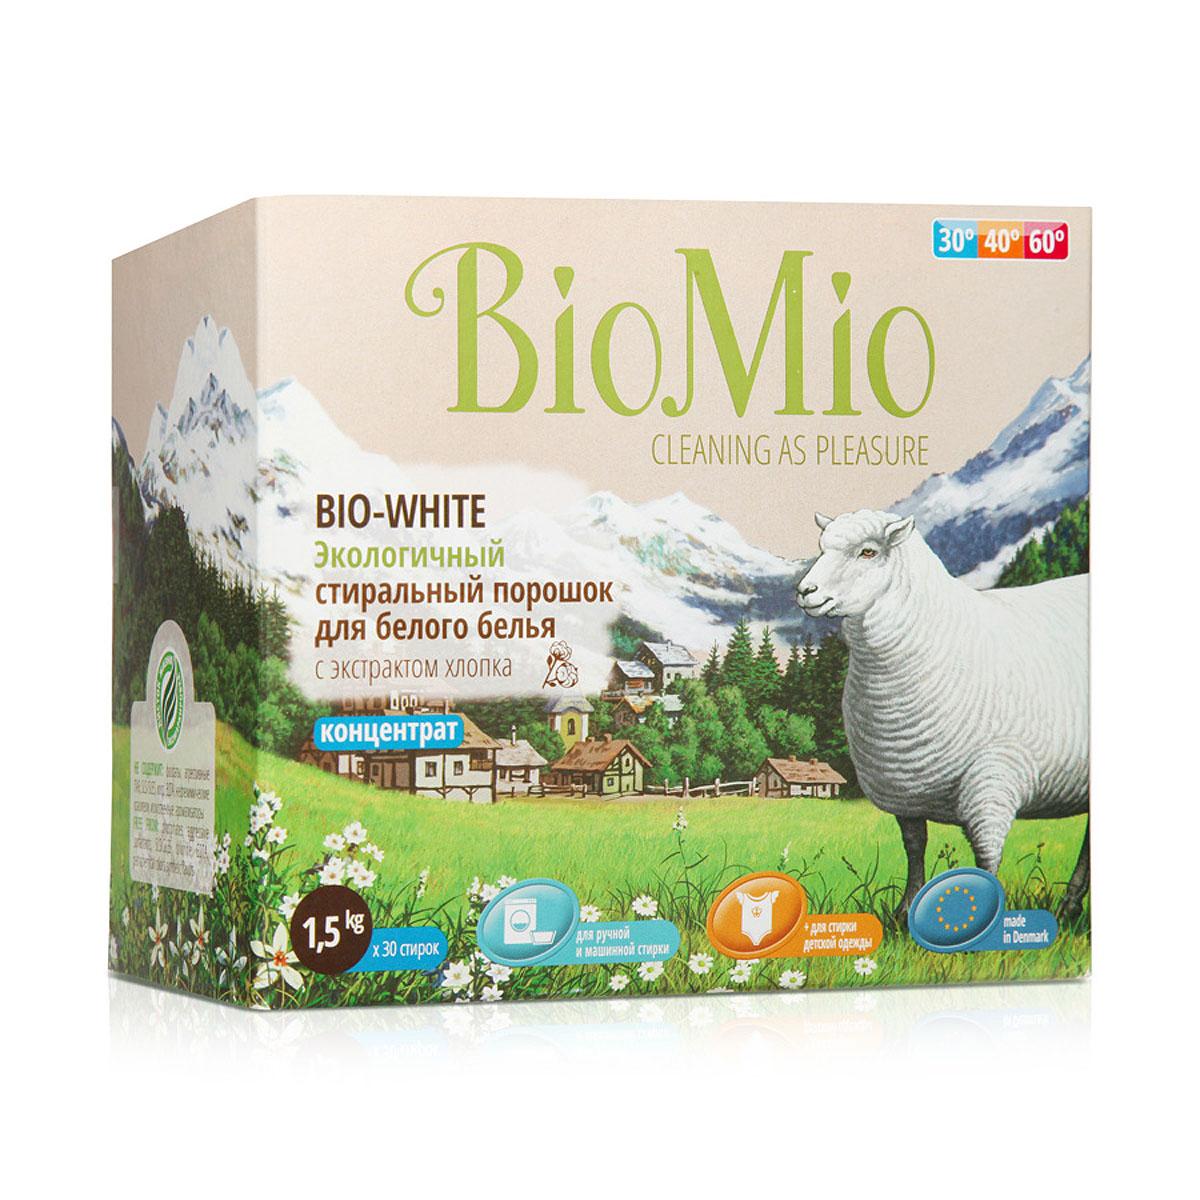 Экологичный стиральный порошок BioMio, для белого белья, с экстрактом хлопка, 1,5 кгПХ-416Экологичный стиральный порошок BioMio эффективно удаляет пятна и загрязнения, не повреждая волокна ткани. Подходит для ручной и машинной стирки. Концентрированная формула обеспечивает экономичный расход. Идеально подходит для стирки детского белья и одежды людей с чувствительной кожей. Полностью выполаскивается, исключает попадание на кожу моющих средств, способных вызывать раздражение чувствительной кожи. Средство без запаха не содержит эфирных масел, что делает его абсолютно безопасным для детской одежды. Не содержит вредных светоотражающих частиц, которые создают иллюзию чистоты и белизны. Безопасен для планеты. Не содержит: фосфаты, агрессивные ПАВ, SLS/SLES, хлор, EDTA, нефтехимические красители, искусственные ароматизаторы BioMio - линейка эффективных средств для дома, использование которых приносит только удовольствие. Уборка помогает не только очистить и гармонизировать свое пространство, но и себя, свои мысли, поэтому важно ее делать с радостью. ...